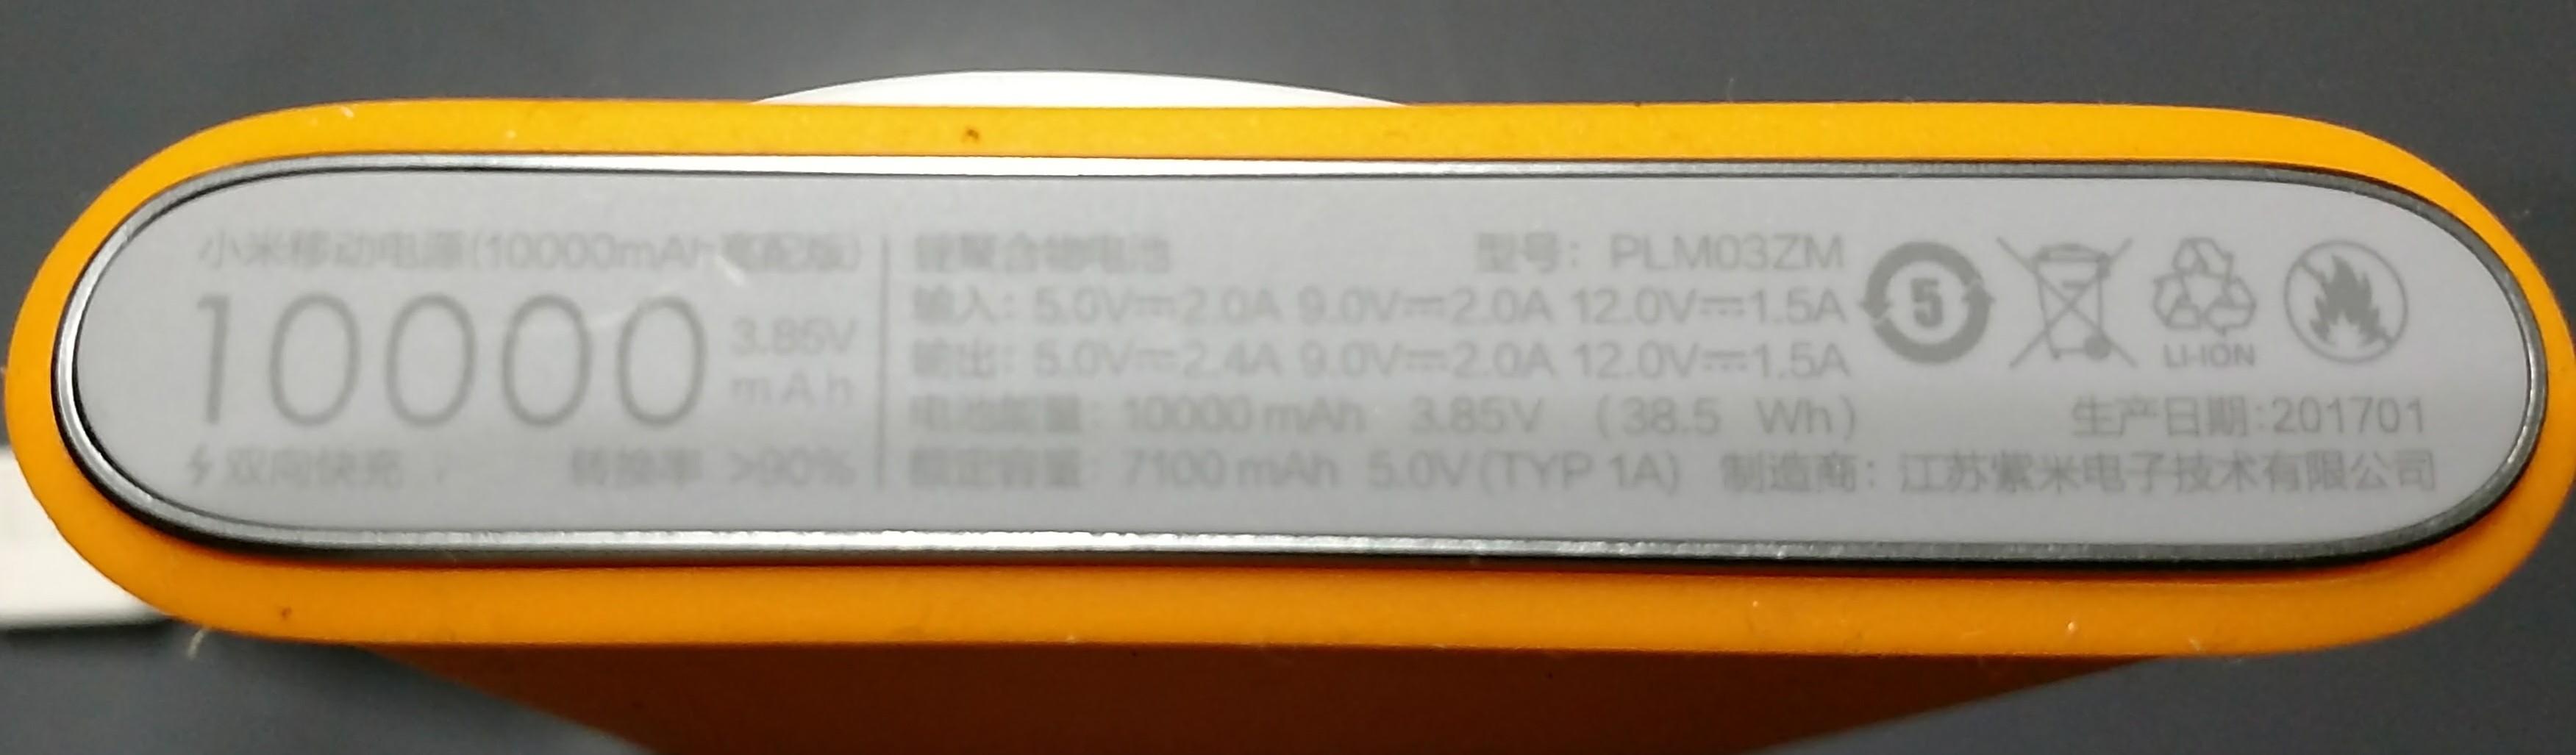 14799904-9xPTV.jpg